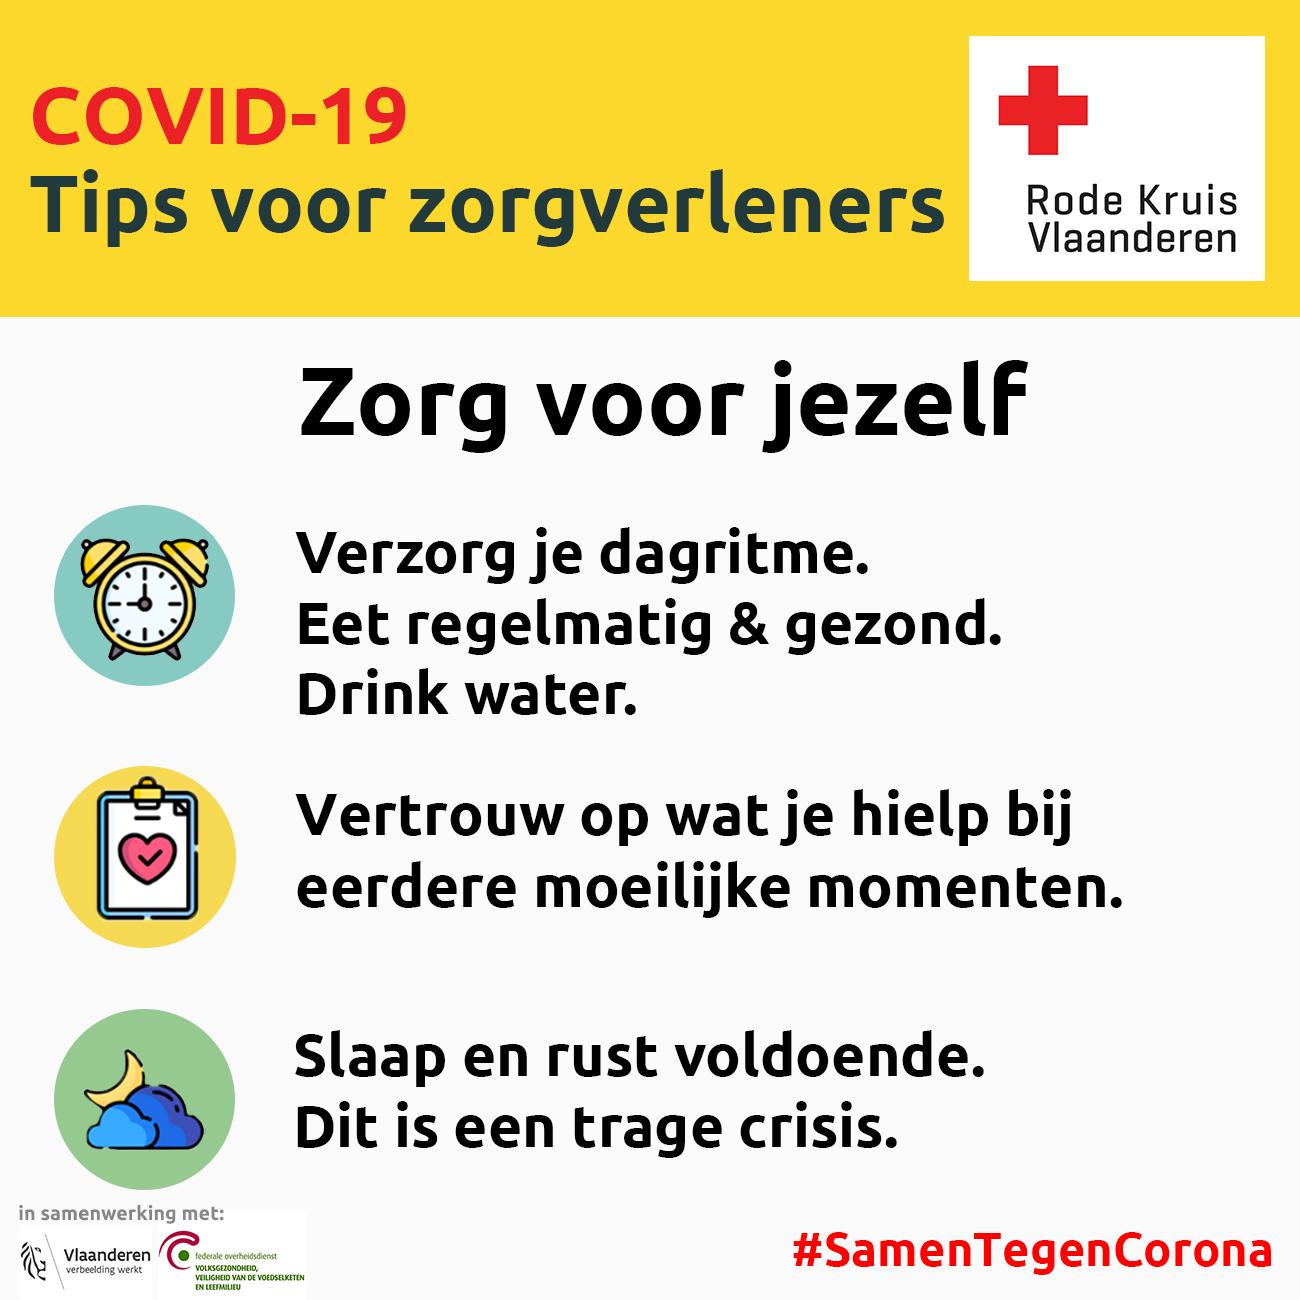 Coronavirus: zorg voor jezelf